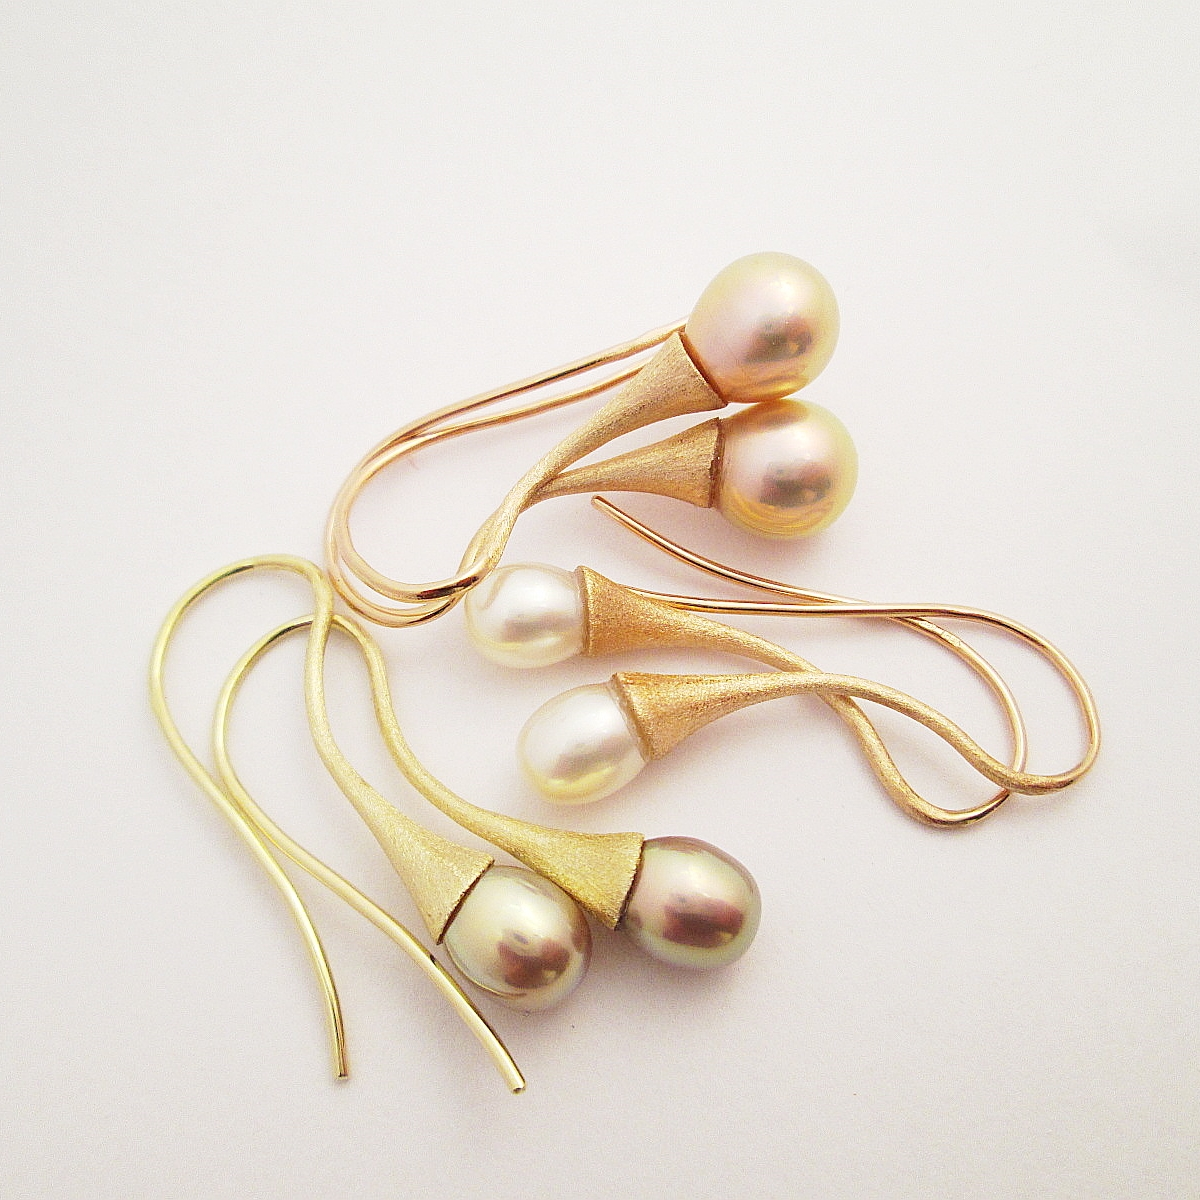 Náušnice s přírodními perlami sorbetových barev o průměru 6,5 mm až 9 mm. Zlato 585/1000. Délka náušnic 3,5 cm.  Cena od 7900,-Kč.